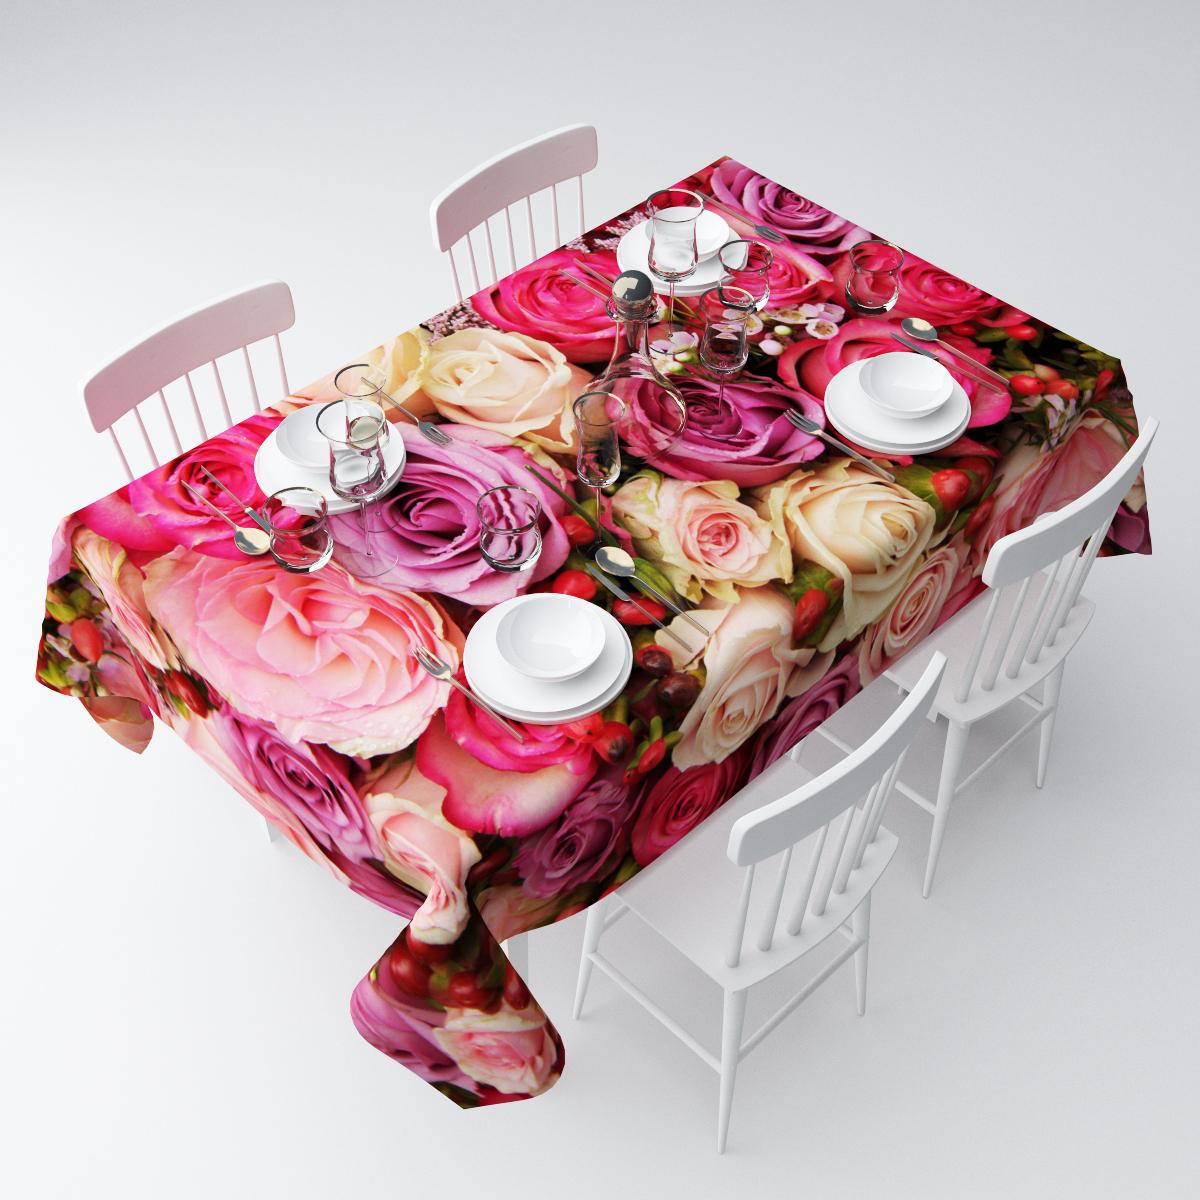 Скатерть Сирень Восхитительный букет роз, прямоугольная, 145 х 220 см скатерть 3d голубой букет сирень